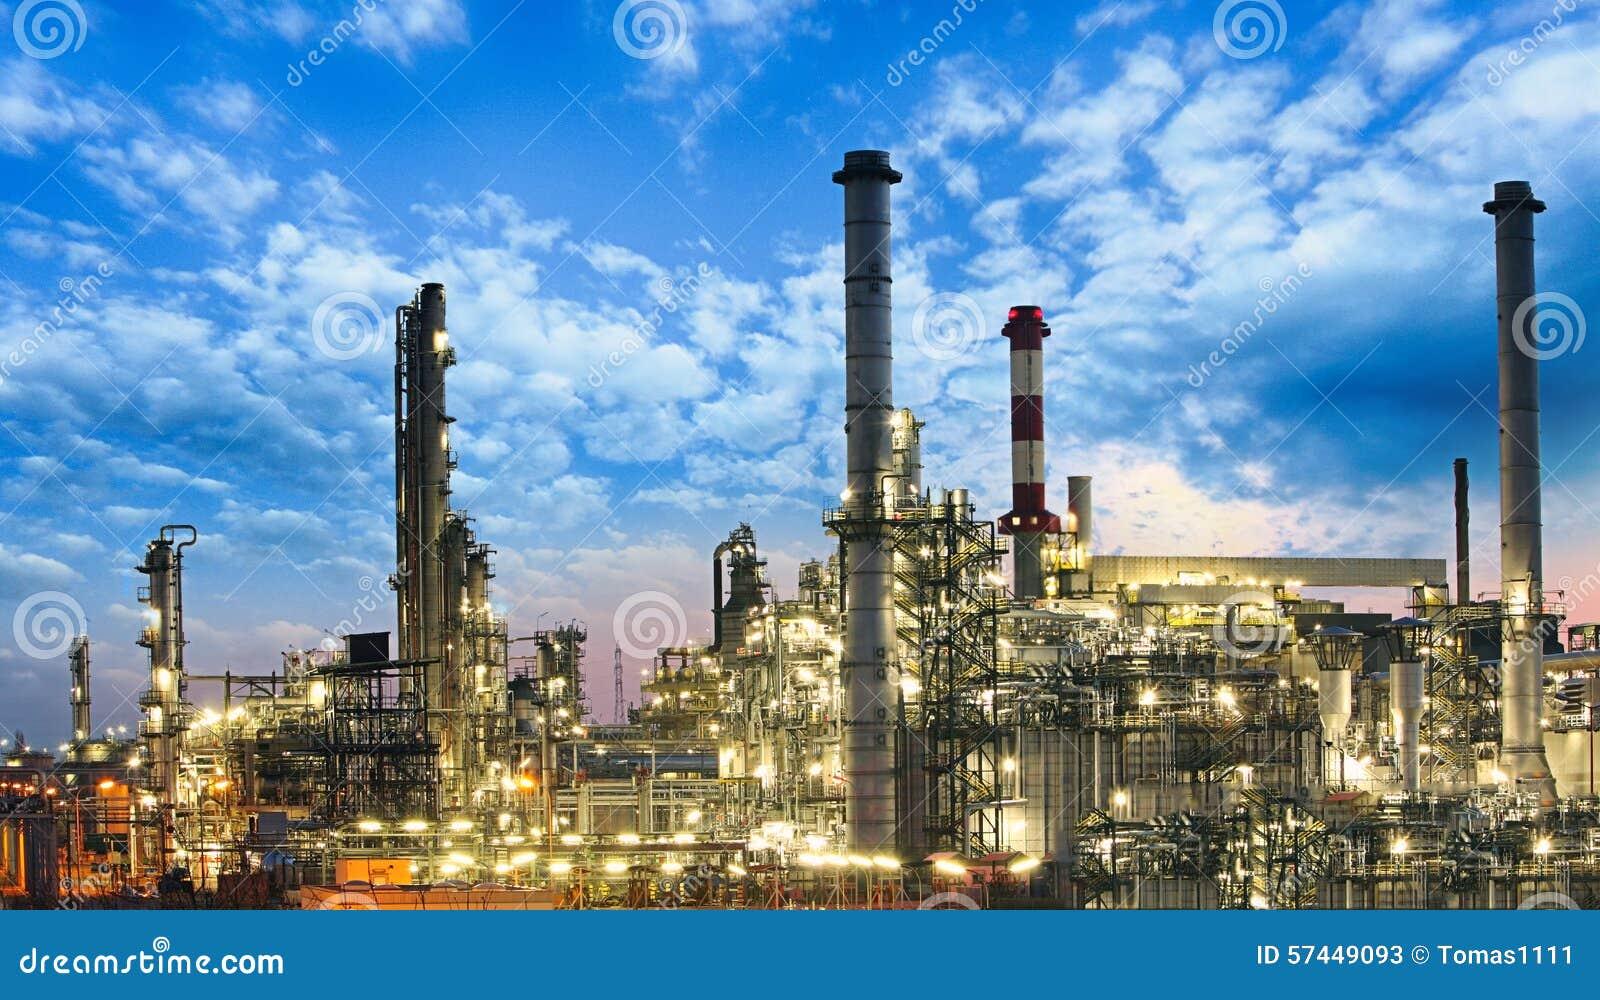 Πετρέλαιο και βιομηχανία φυσικού αερίου - εγκαταστάσεις καθαρισμού, εργοστάσιο, εργοστάσιο πετροχημικών